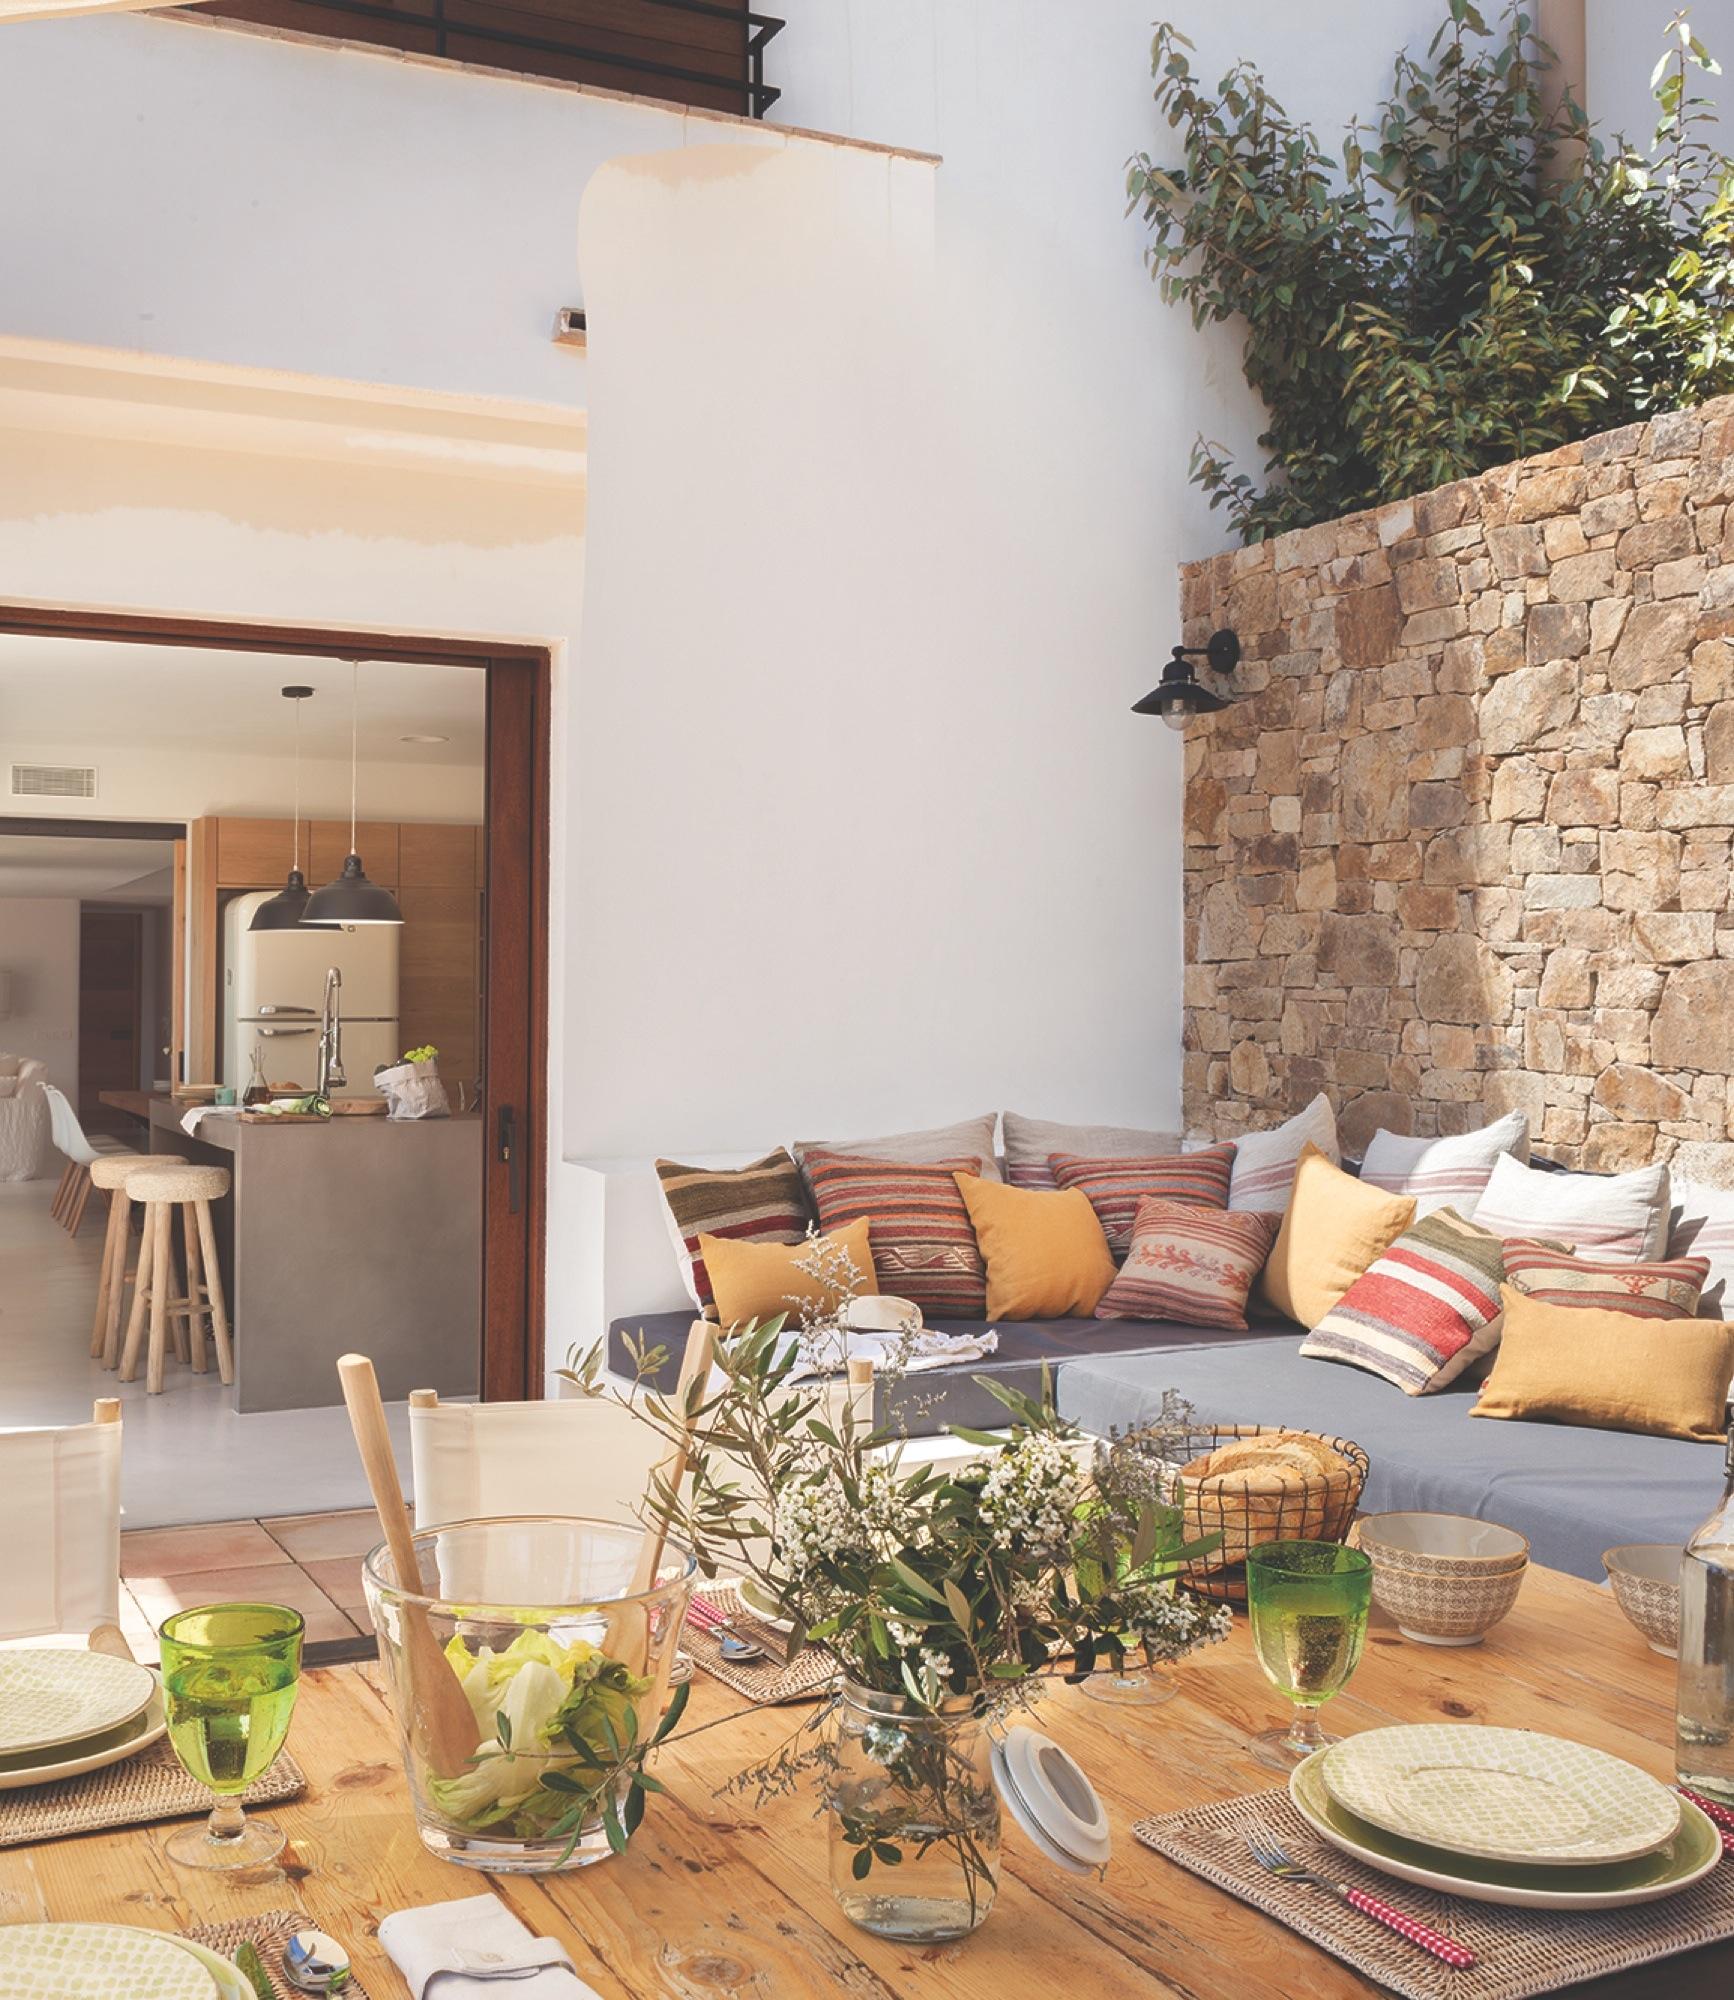 Casa de vacaciones con estilo ibicenco playero y toques de l 39 empord - Decoradores de casas ...